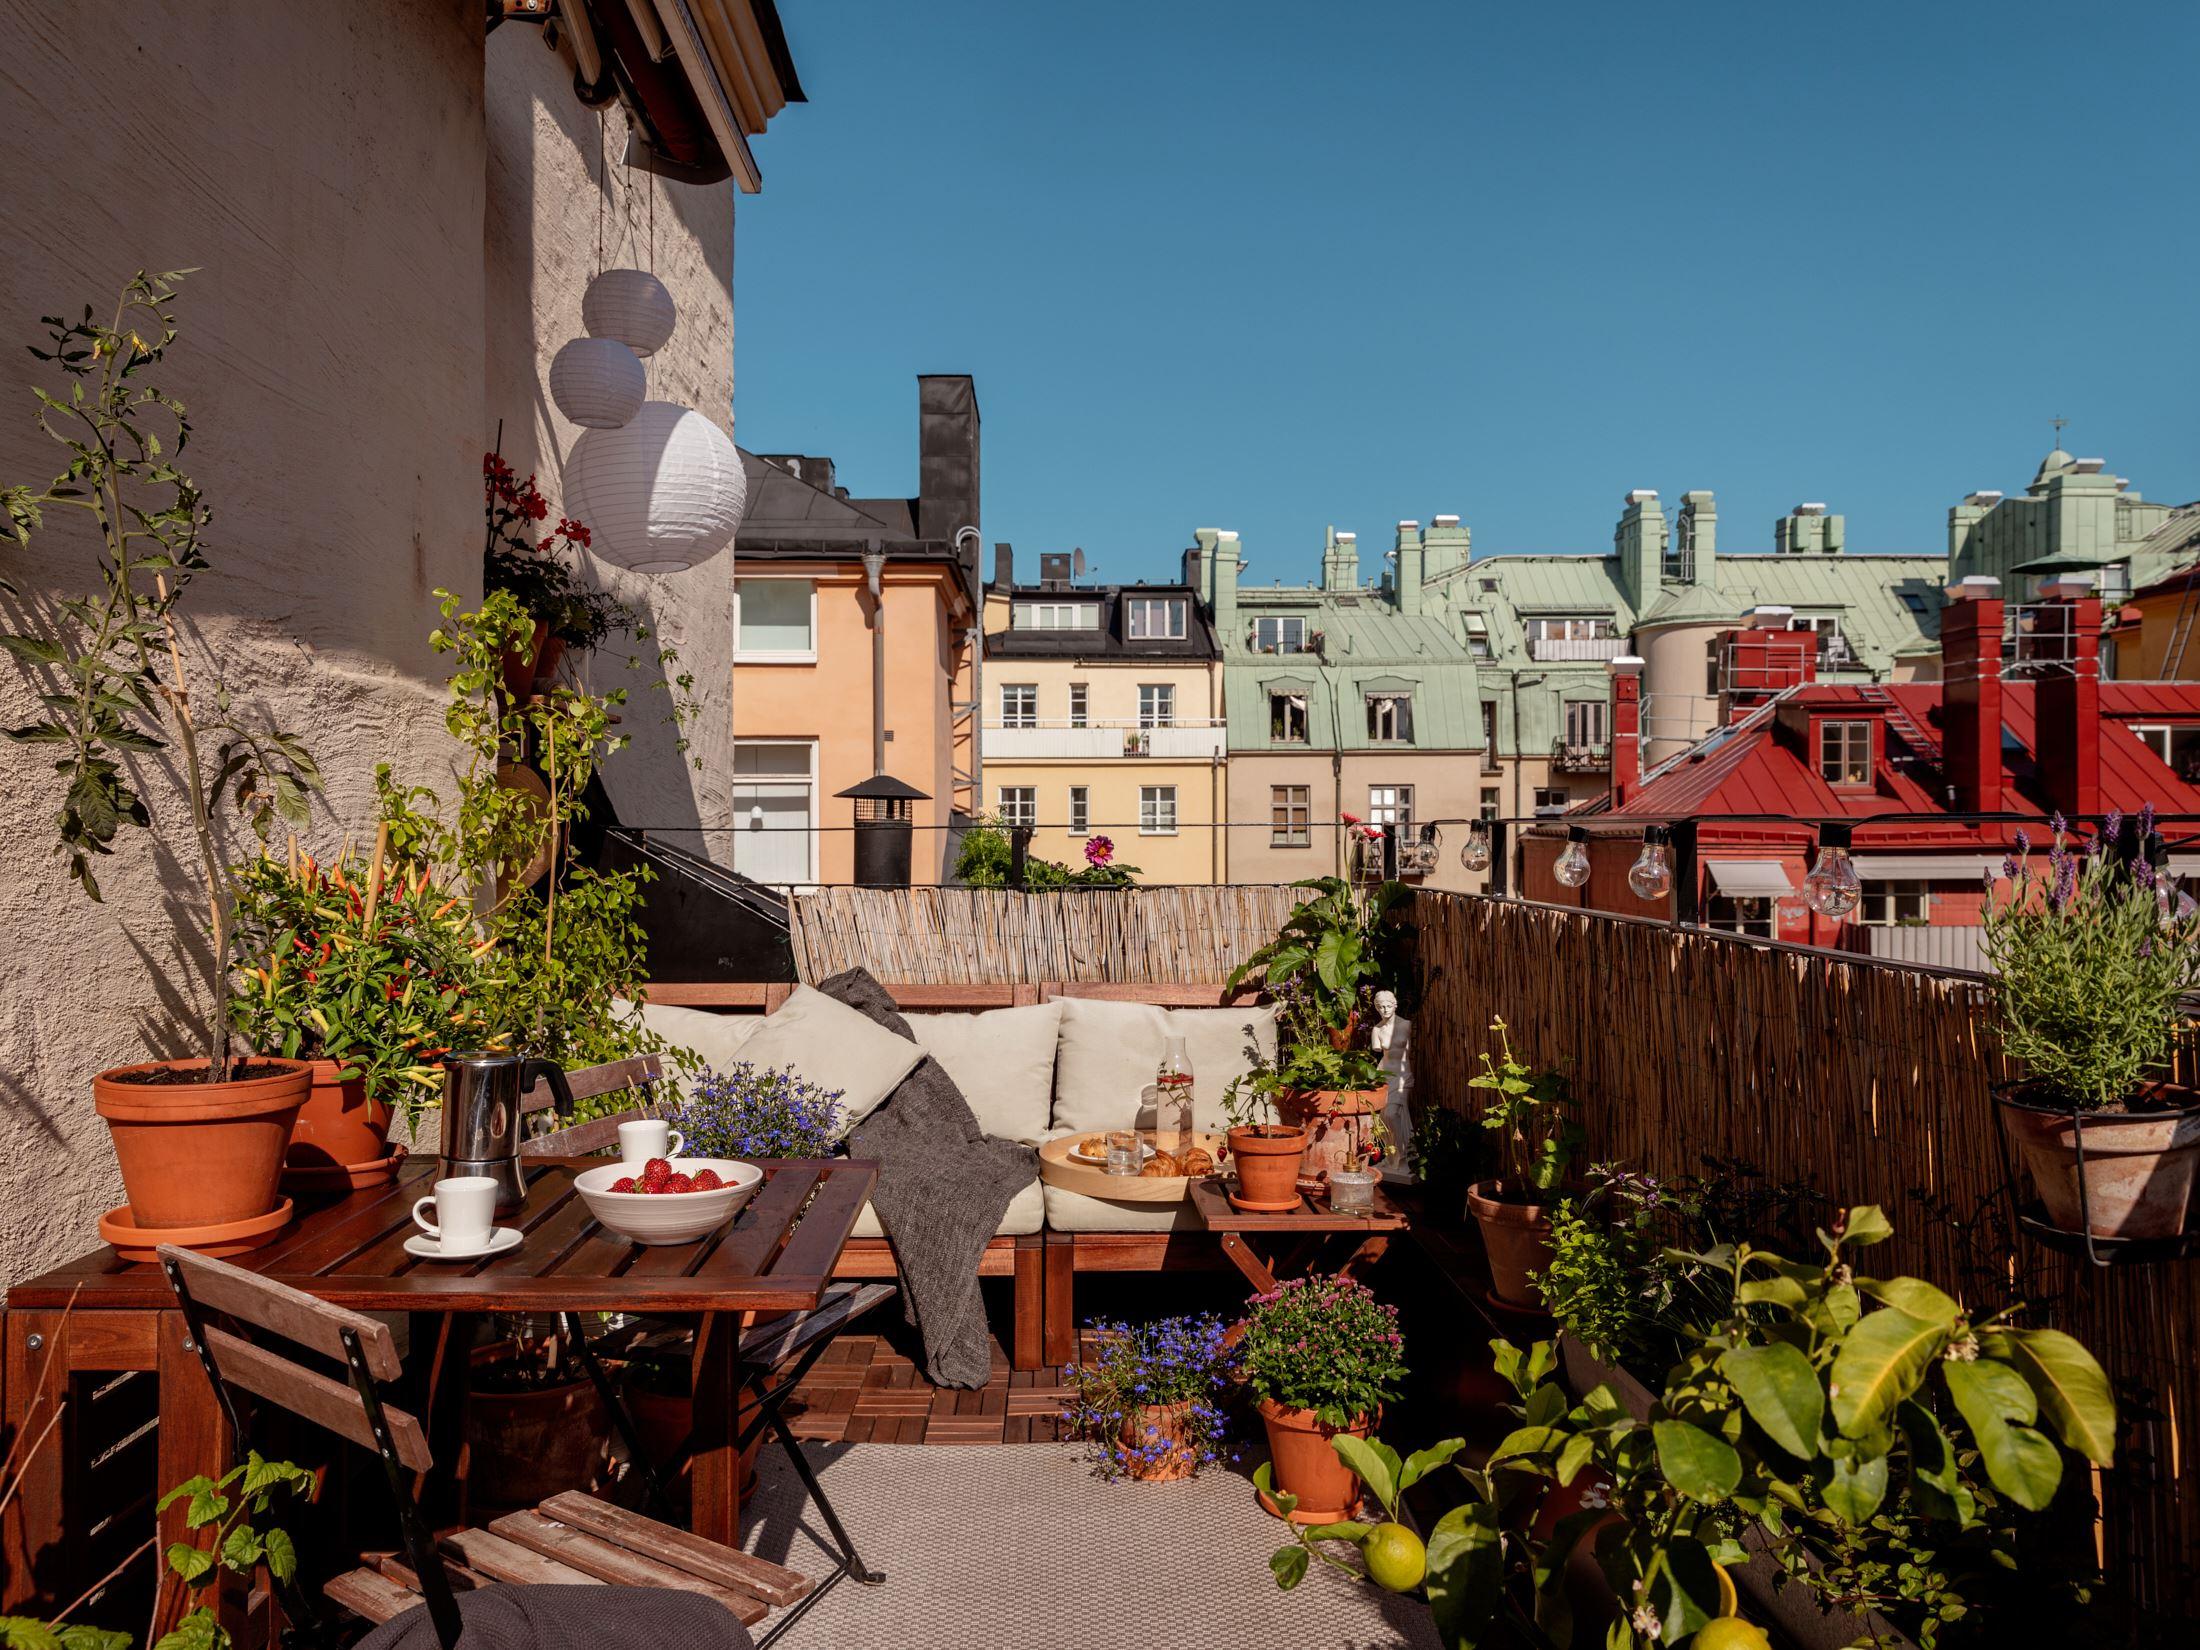 thatscandinavianfeeling cozy balcony scandinavian hygge 1